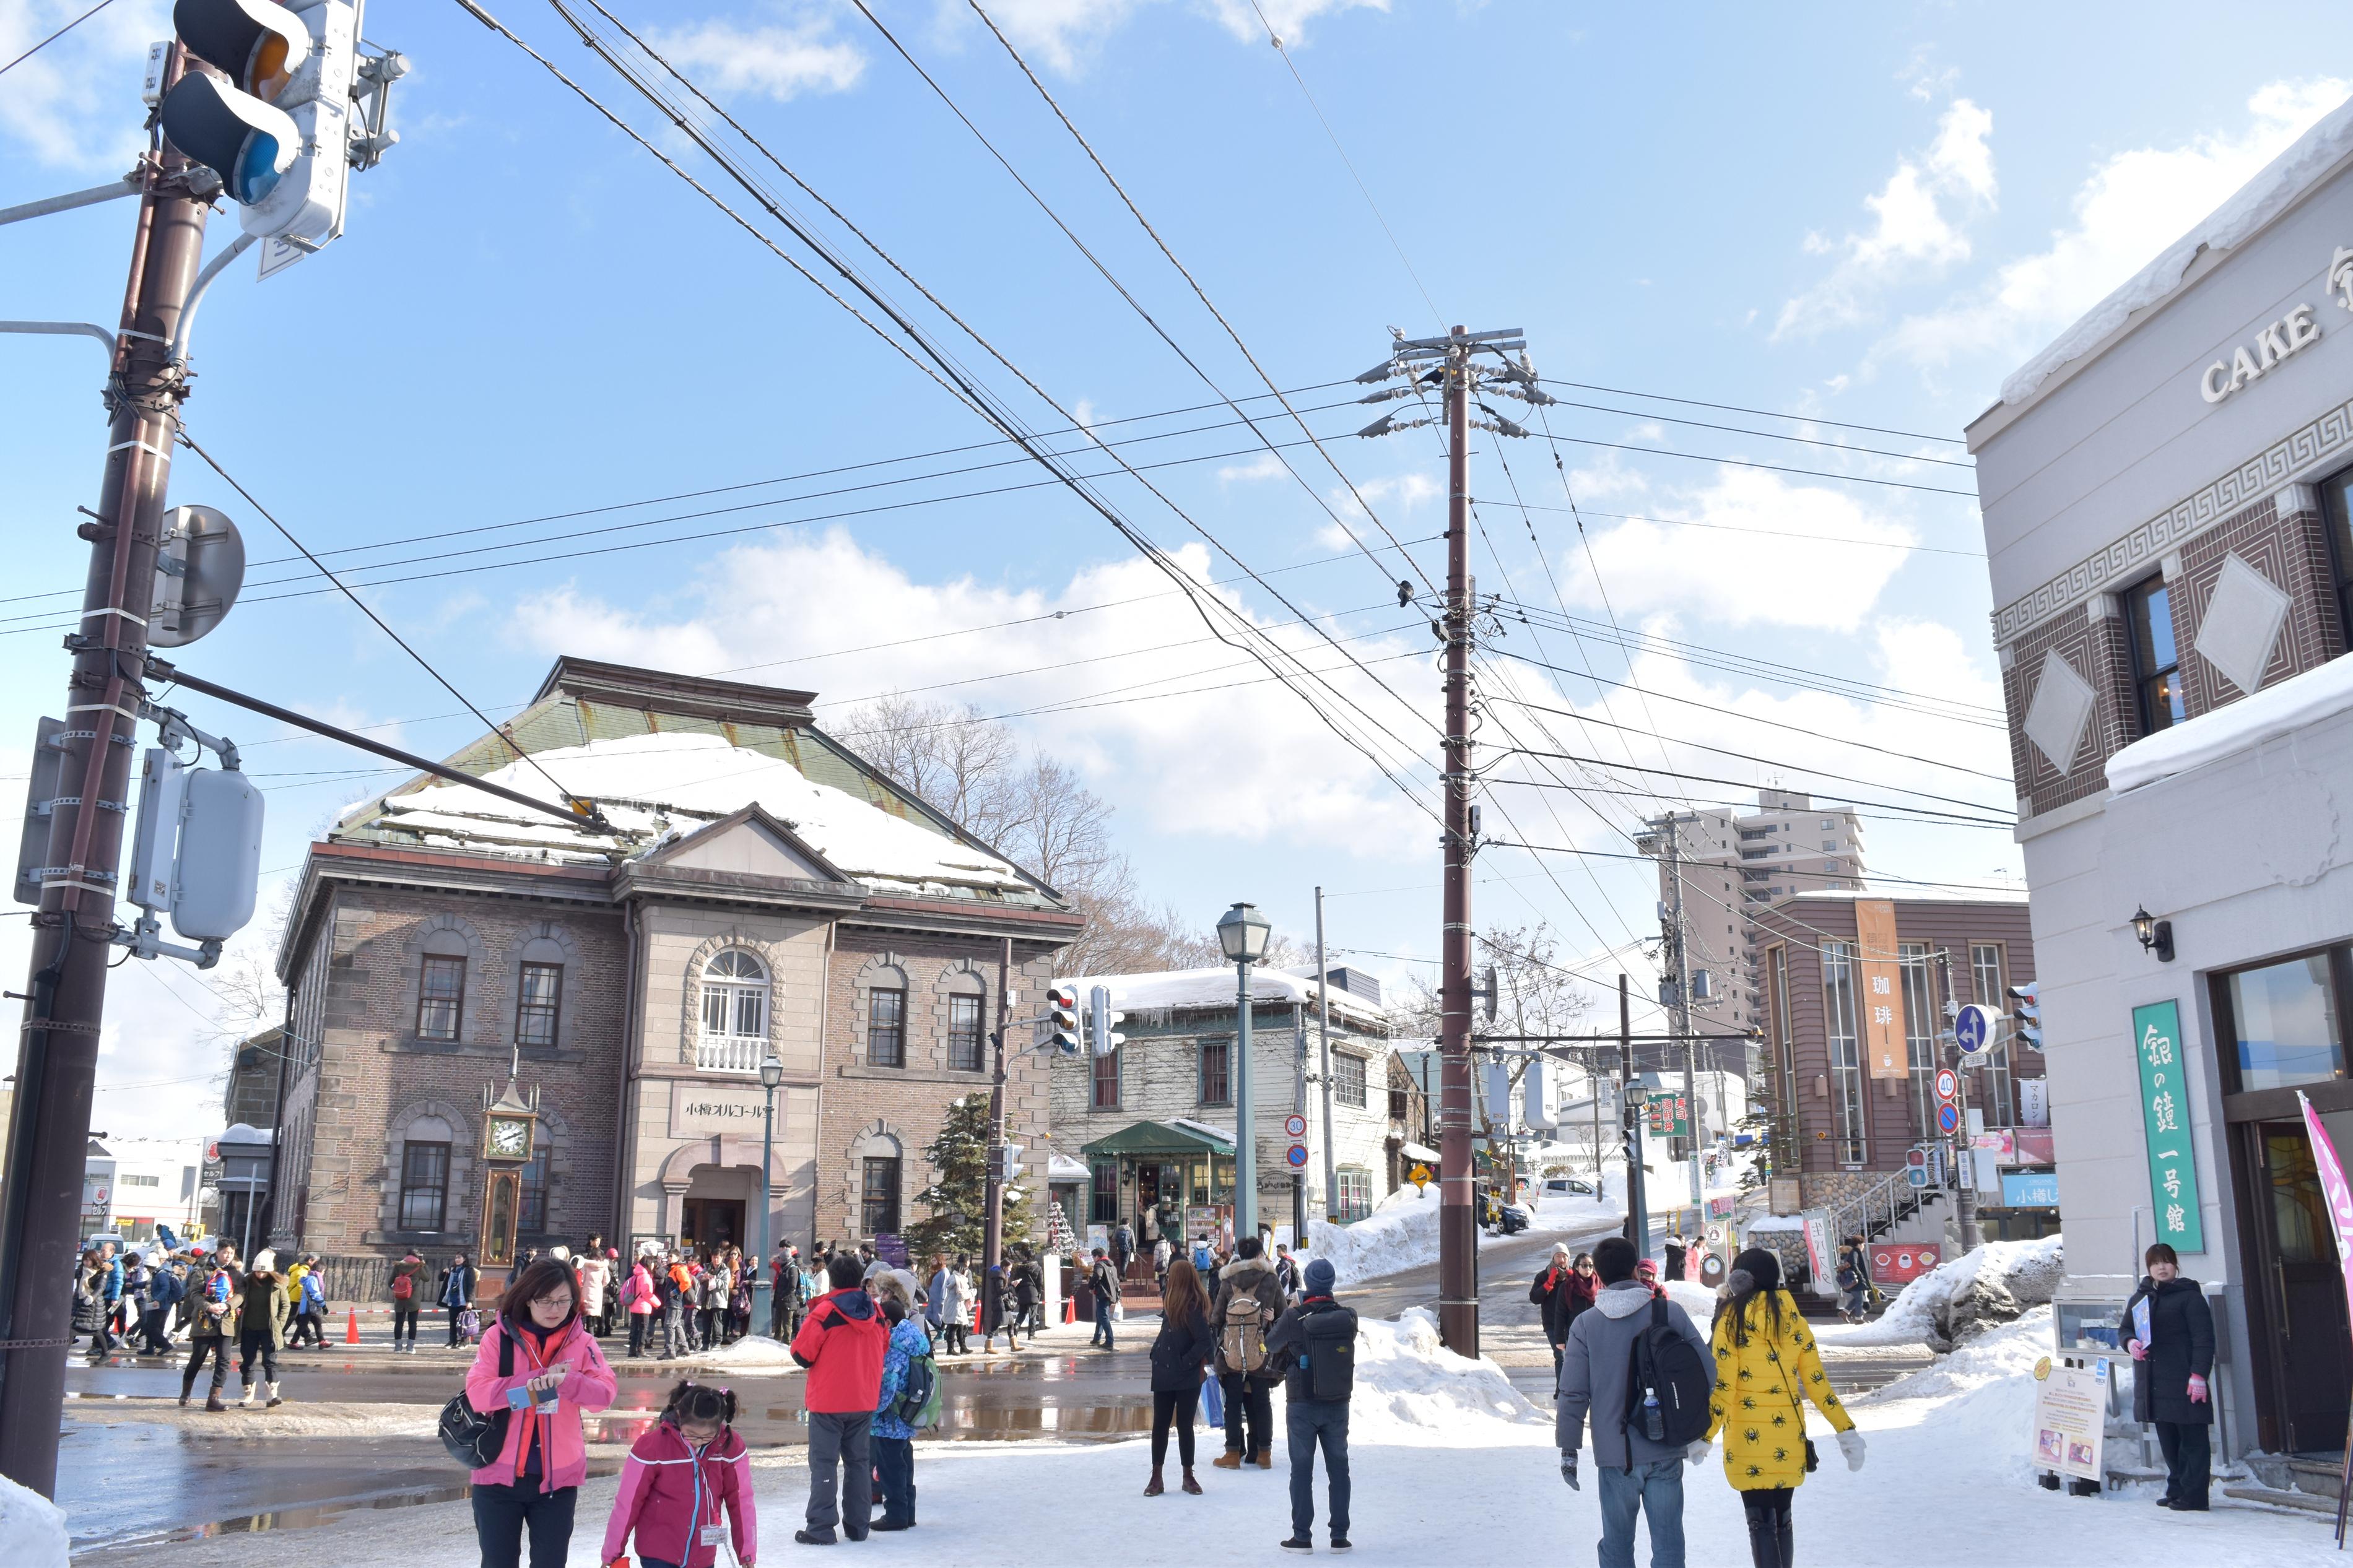 홋카이도 여행#2 일본 여행 오타루 낭만 여행기 오르골당과 오타루 운하